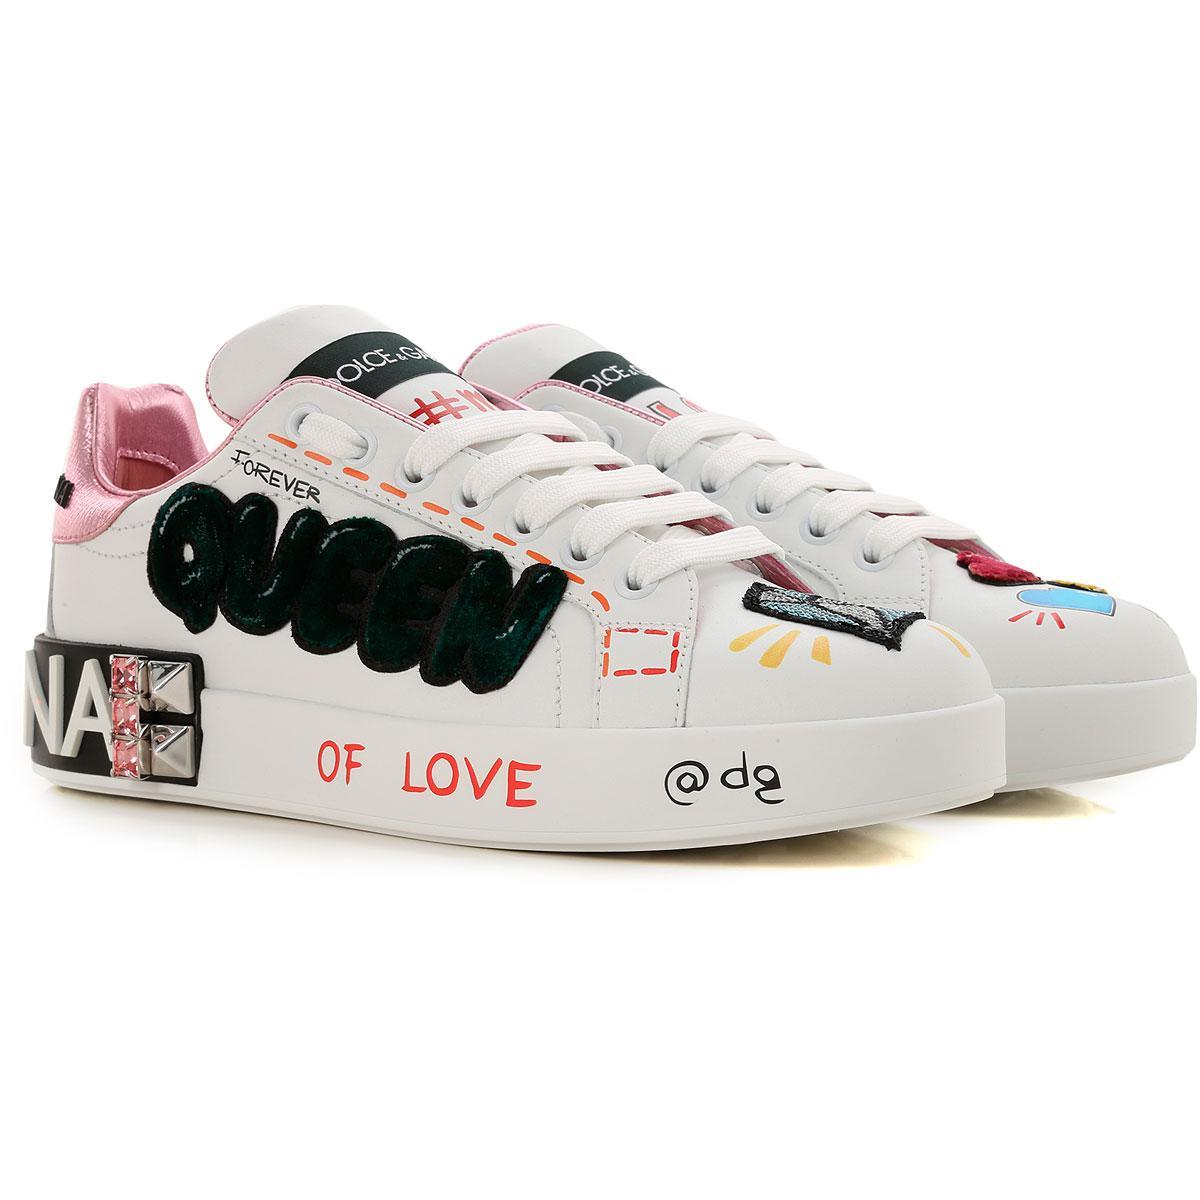 6da76a45e2 Zapatillas Deportivas de Mujer Dolce & Gabbana de color Blanco - Lyst